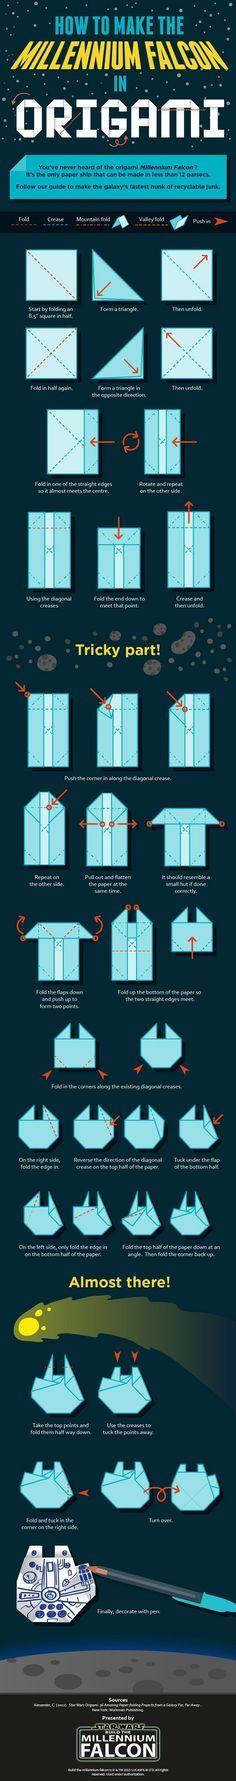 Infográfico mostra como montar uma Millennium Falcon em Origami